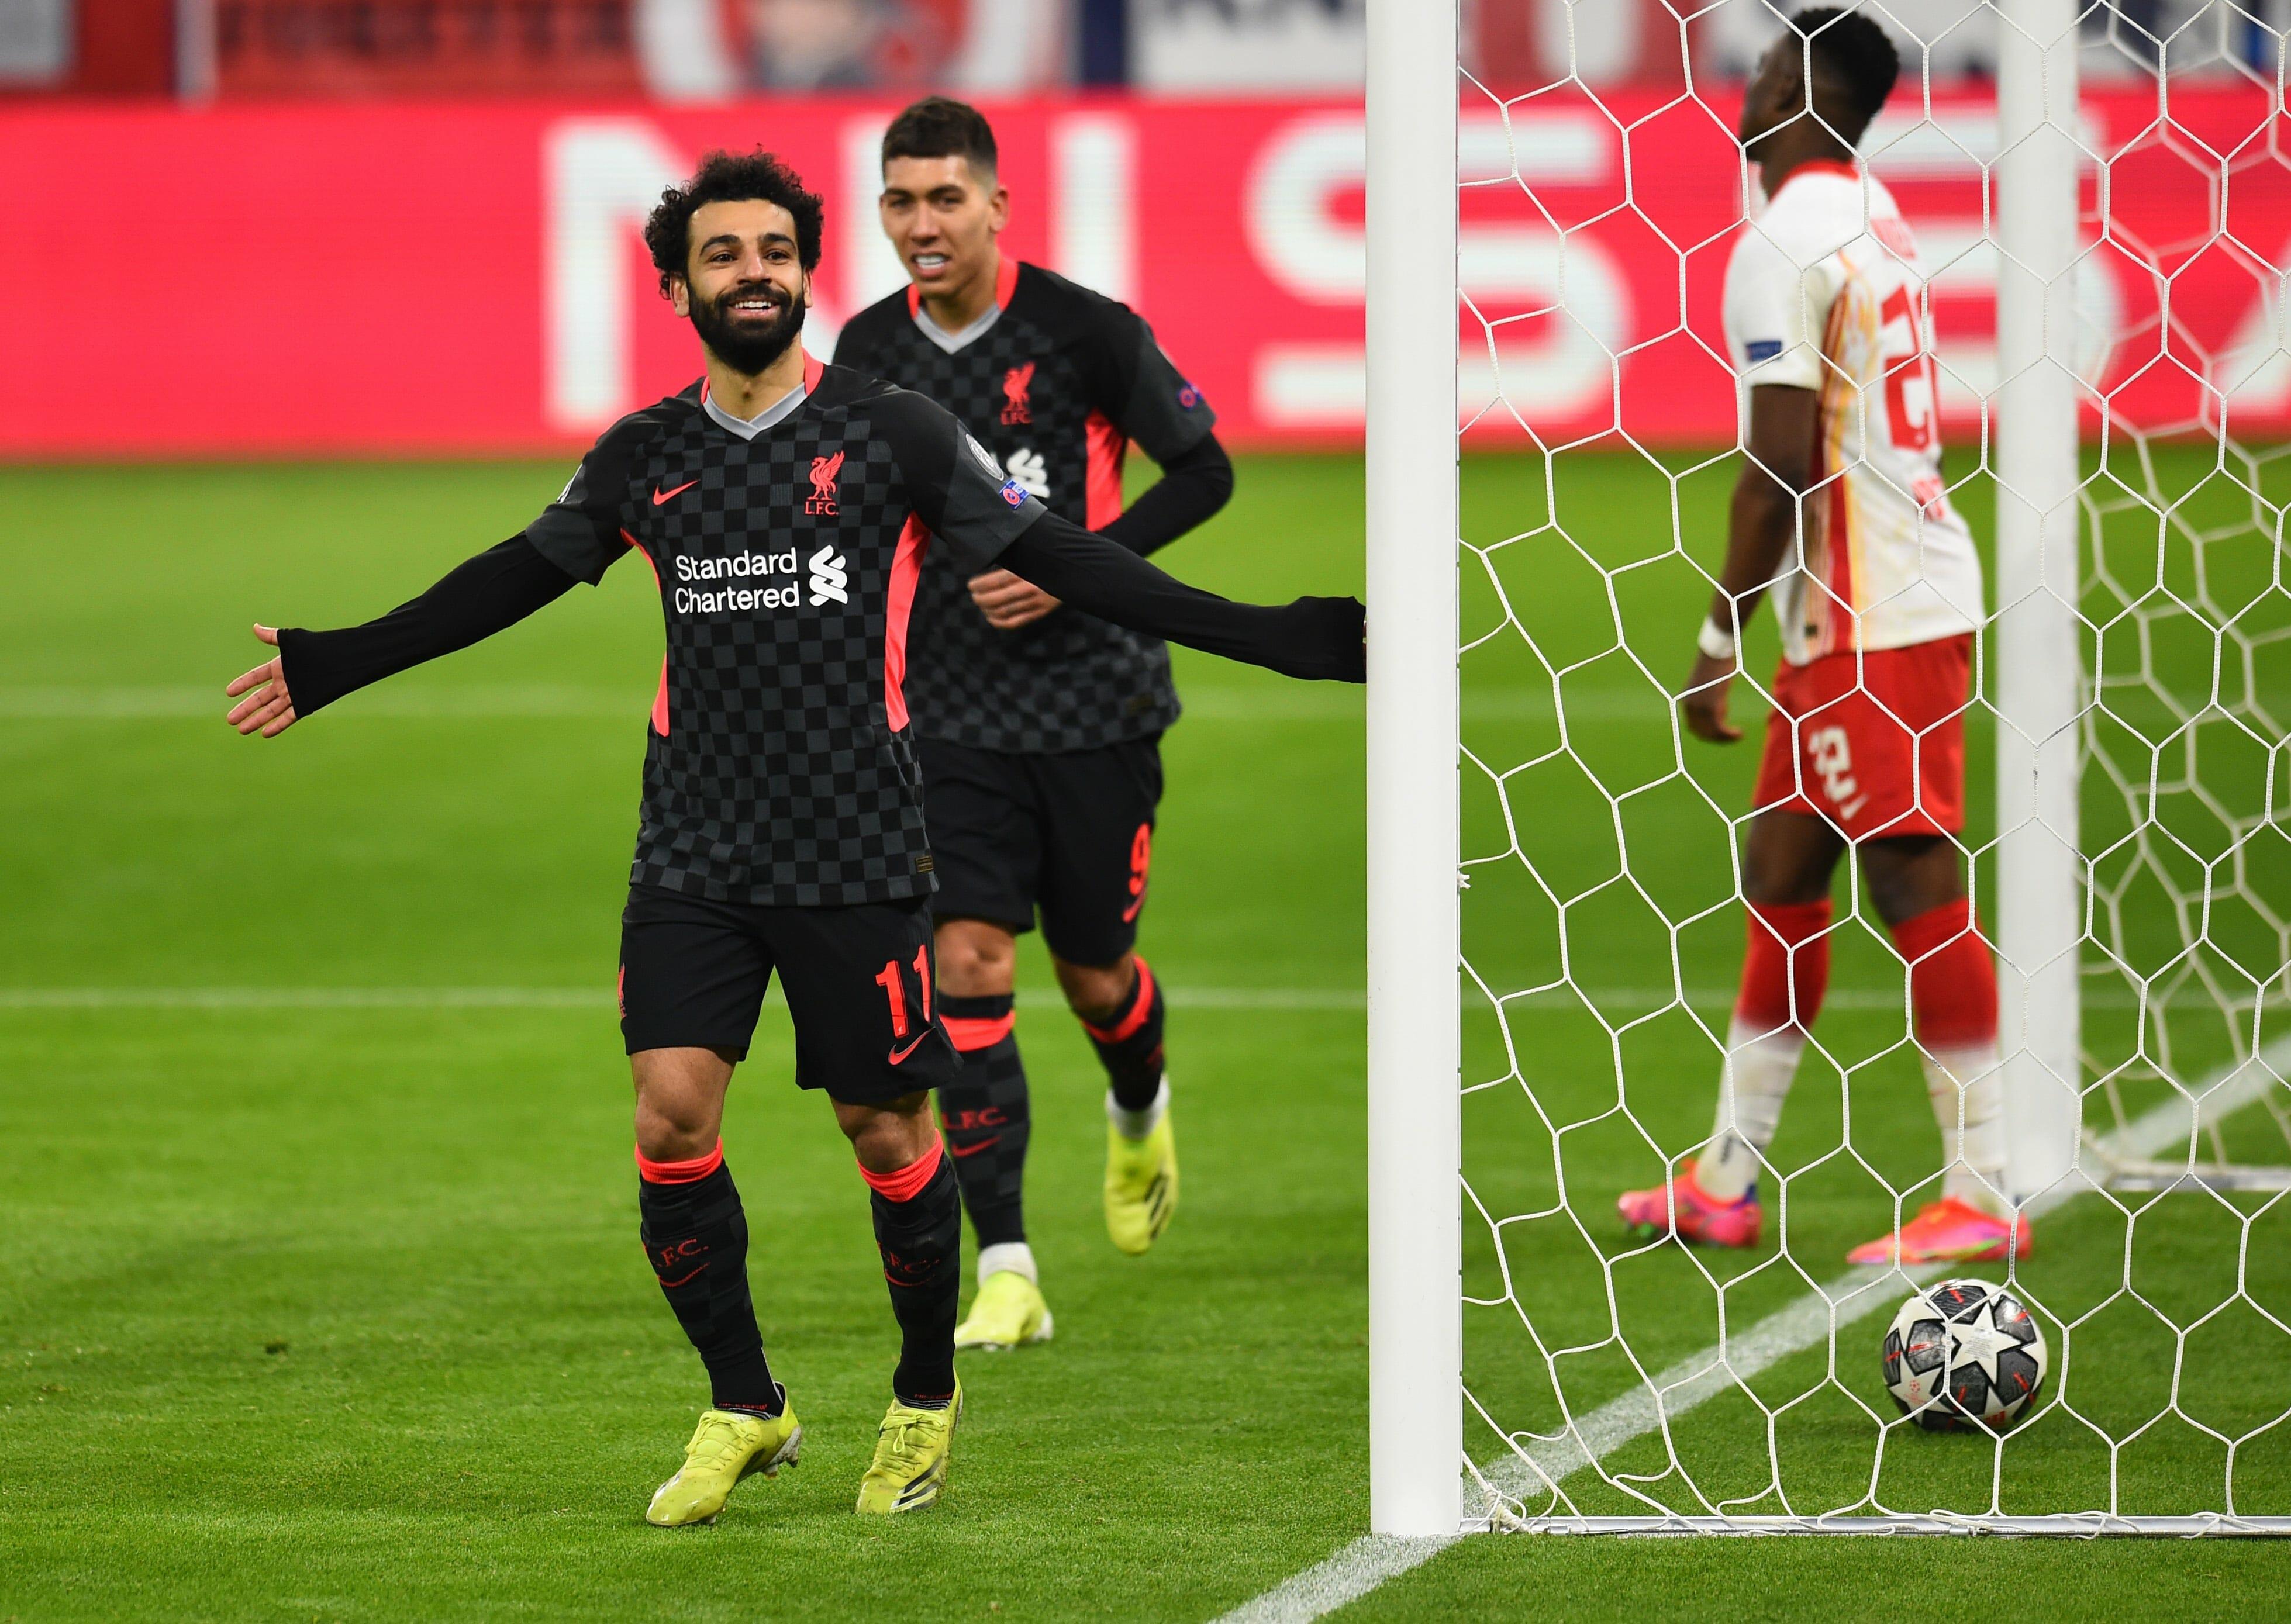 موعد مباراة ليفربول ومنافسه لايبزيج في دوري أبطال أوروبا